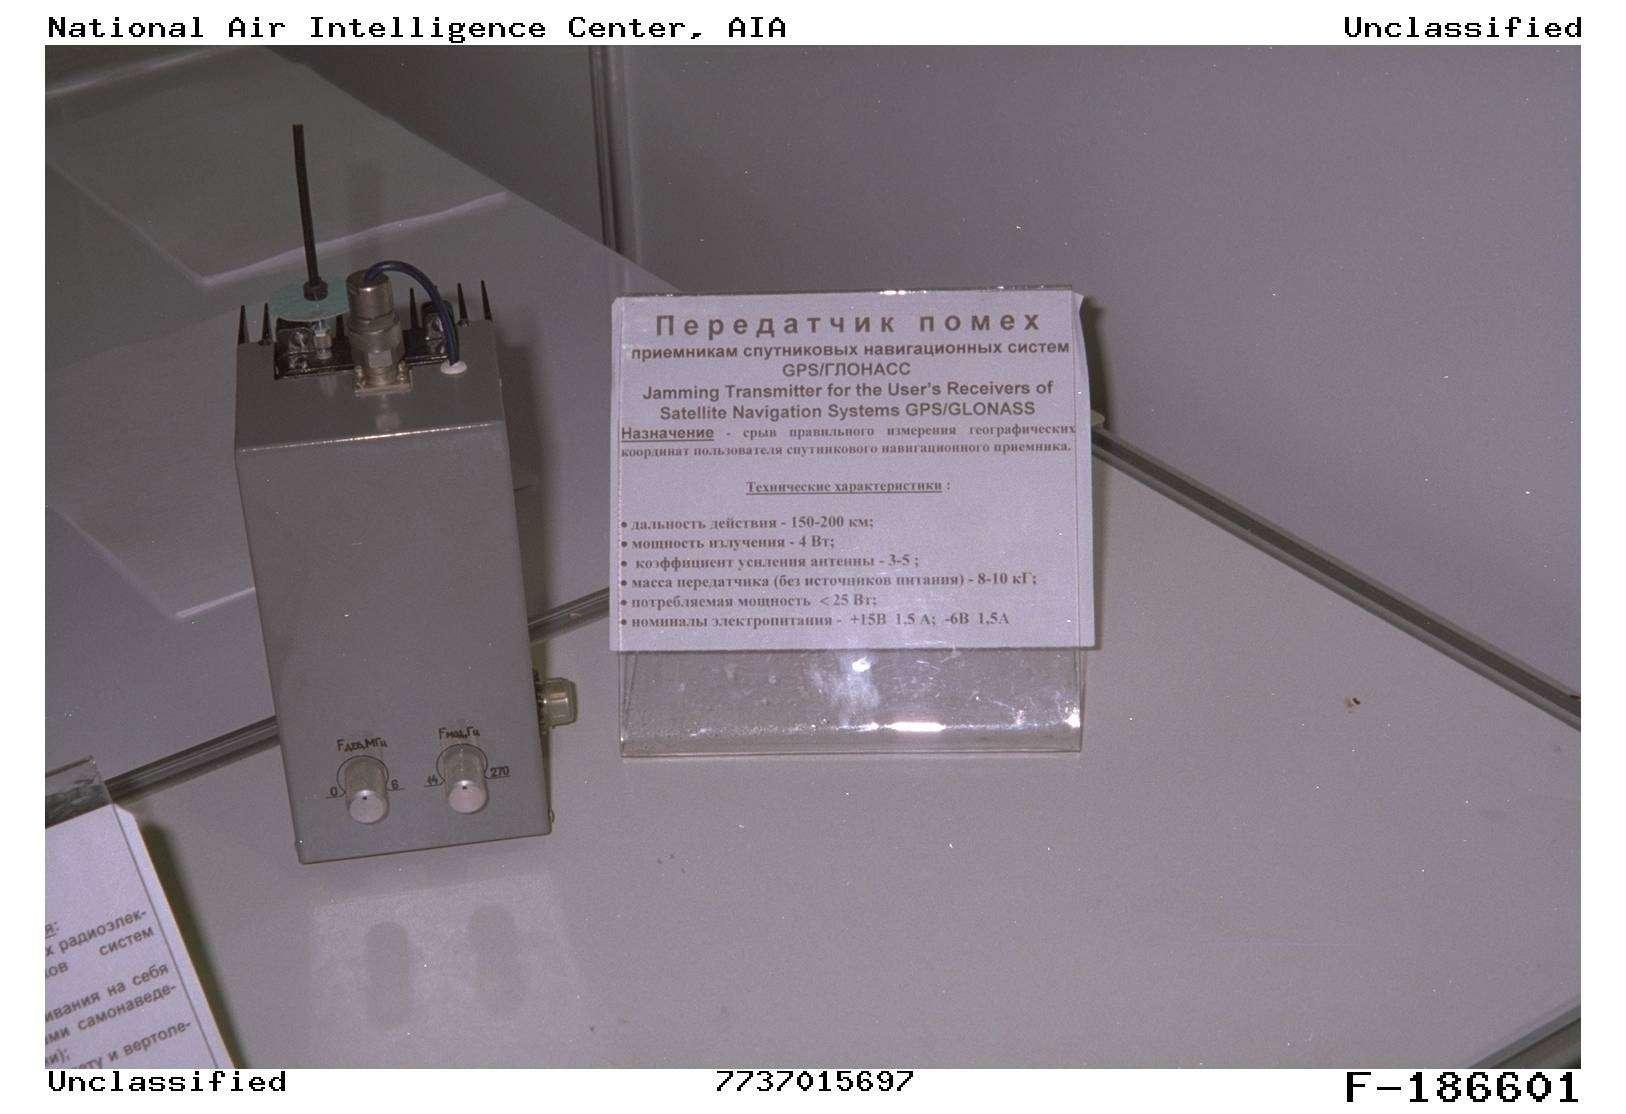 http://www.qsl.net/n9zia/wireless/pics/gpsjam-7.jpg